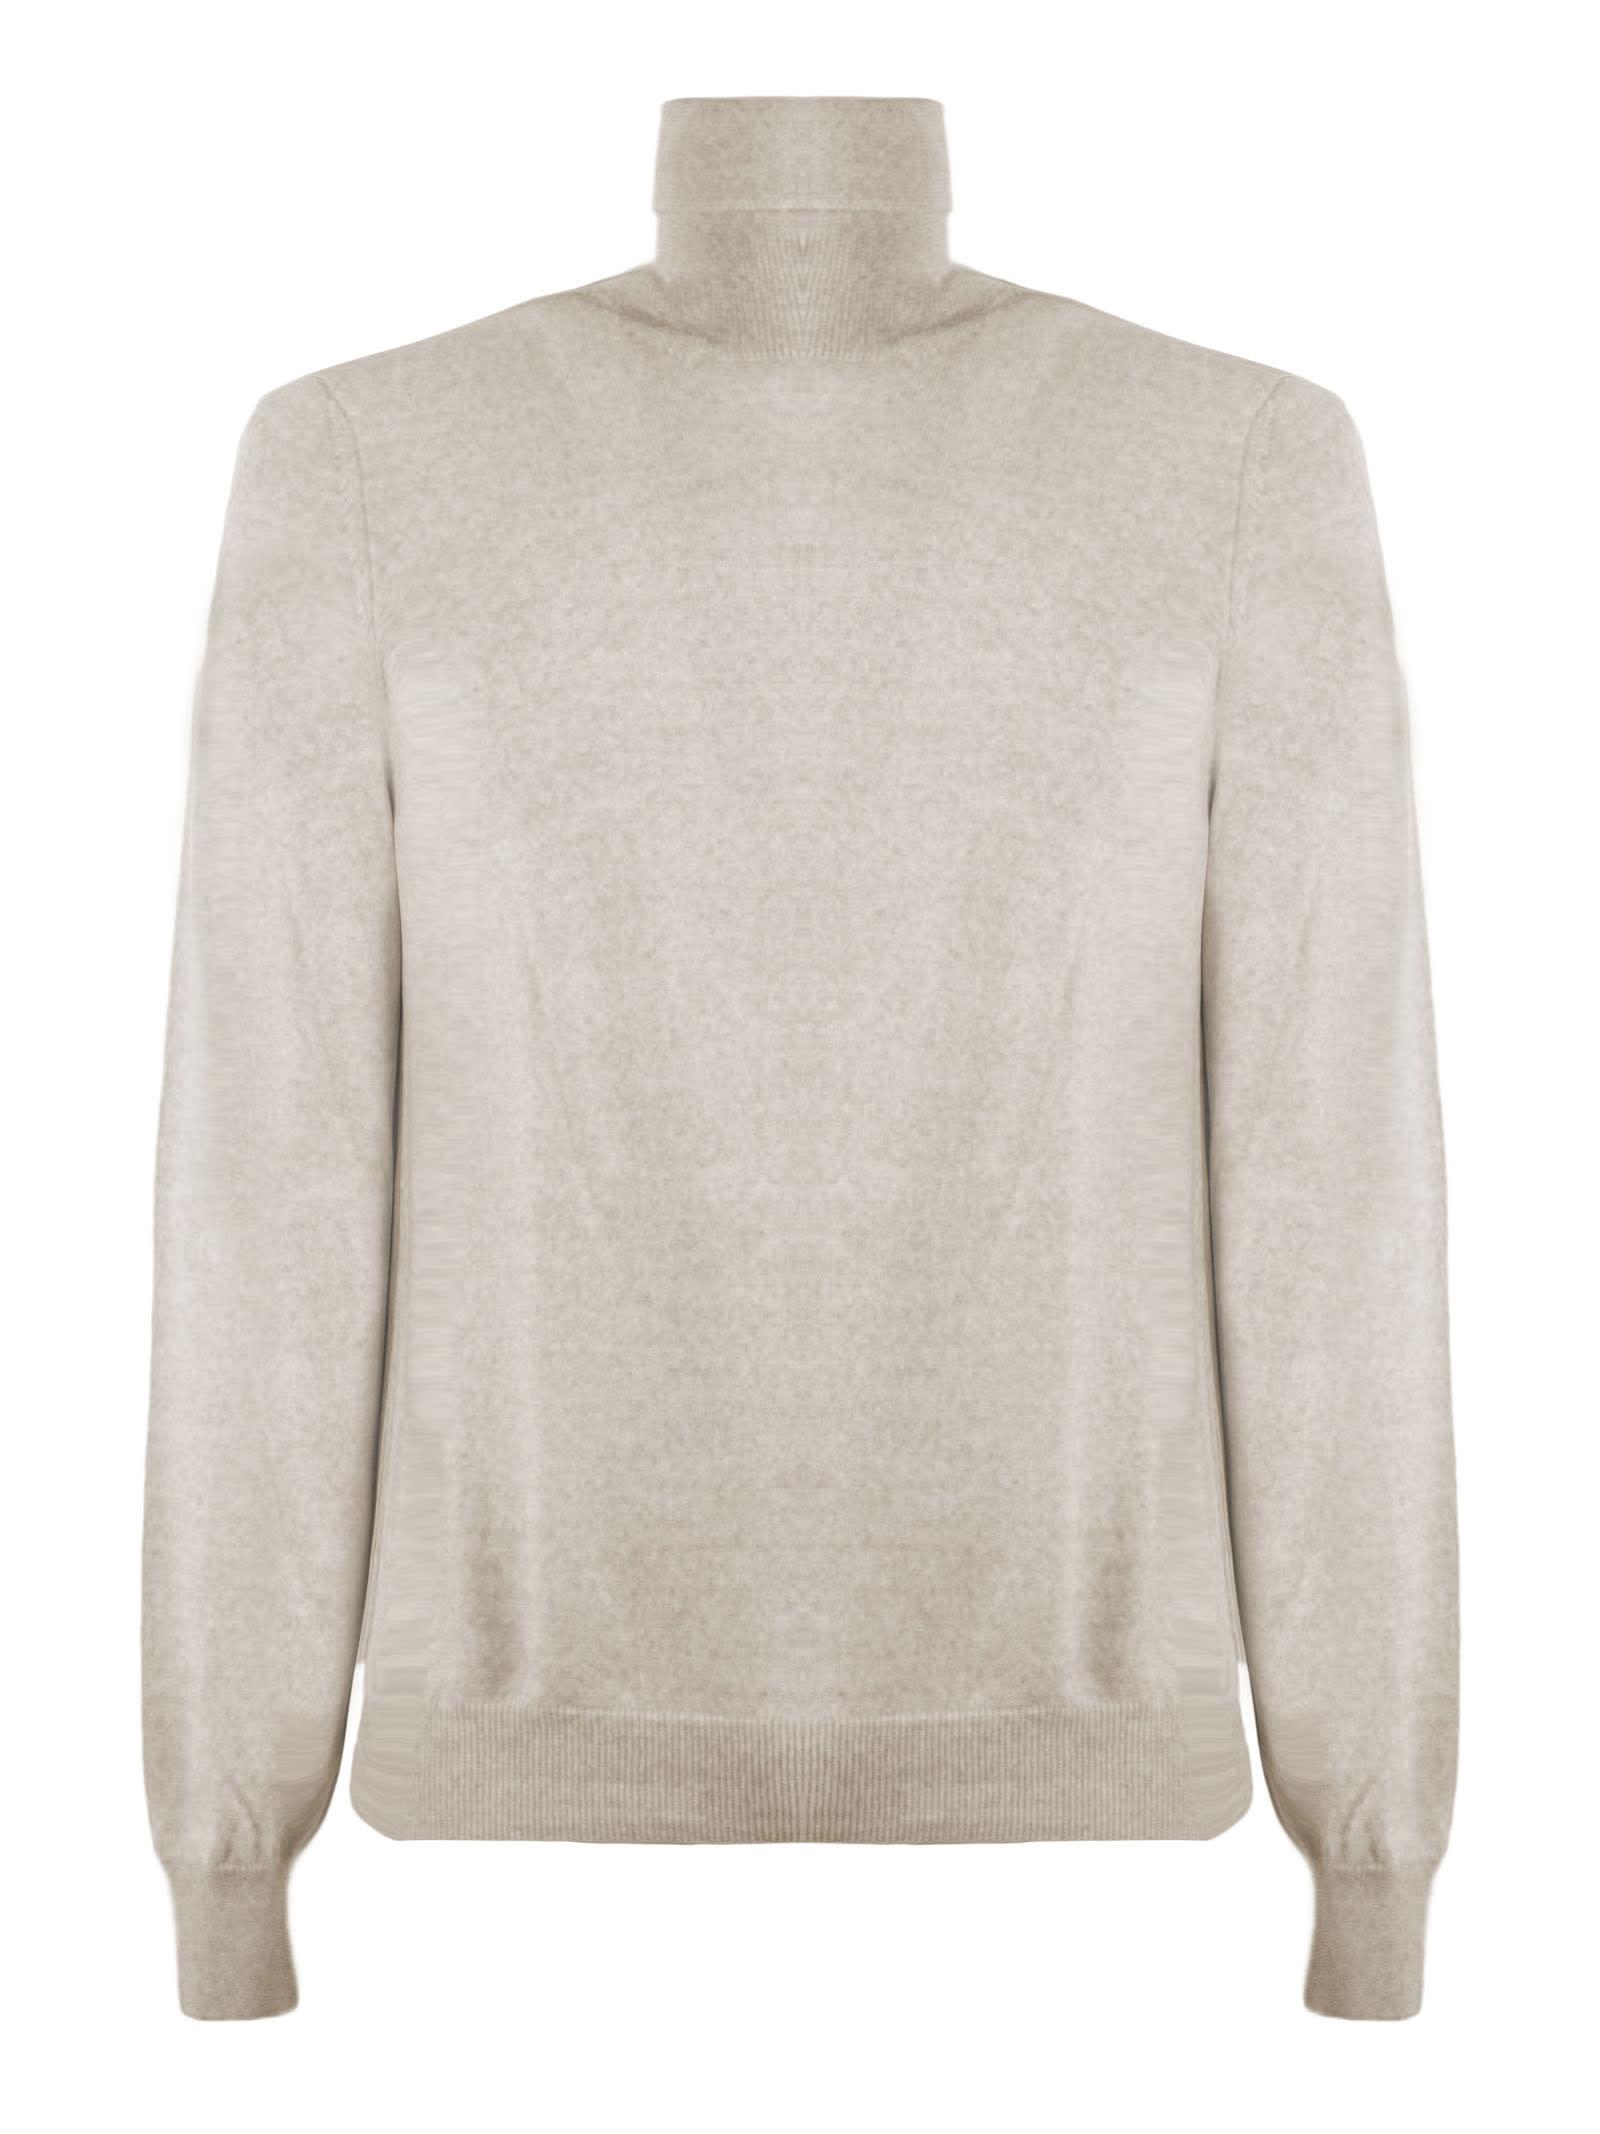 Fay Beige Virgin Wool Sweater